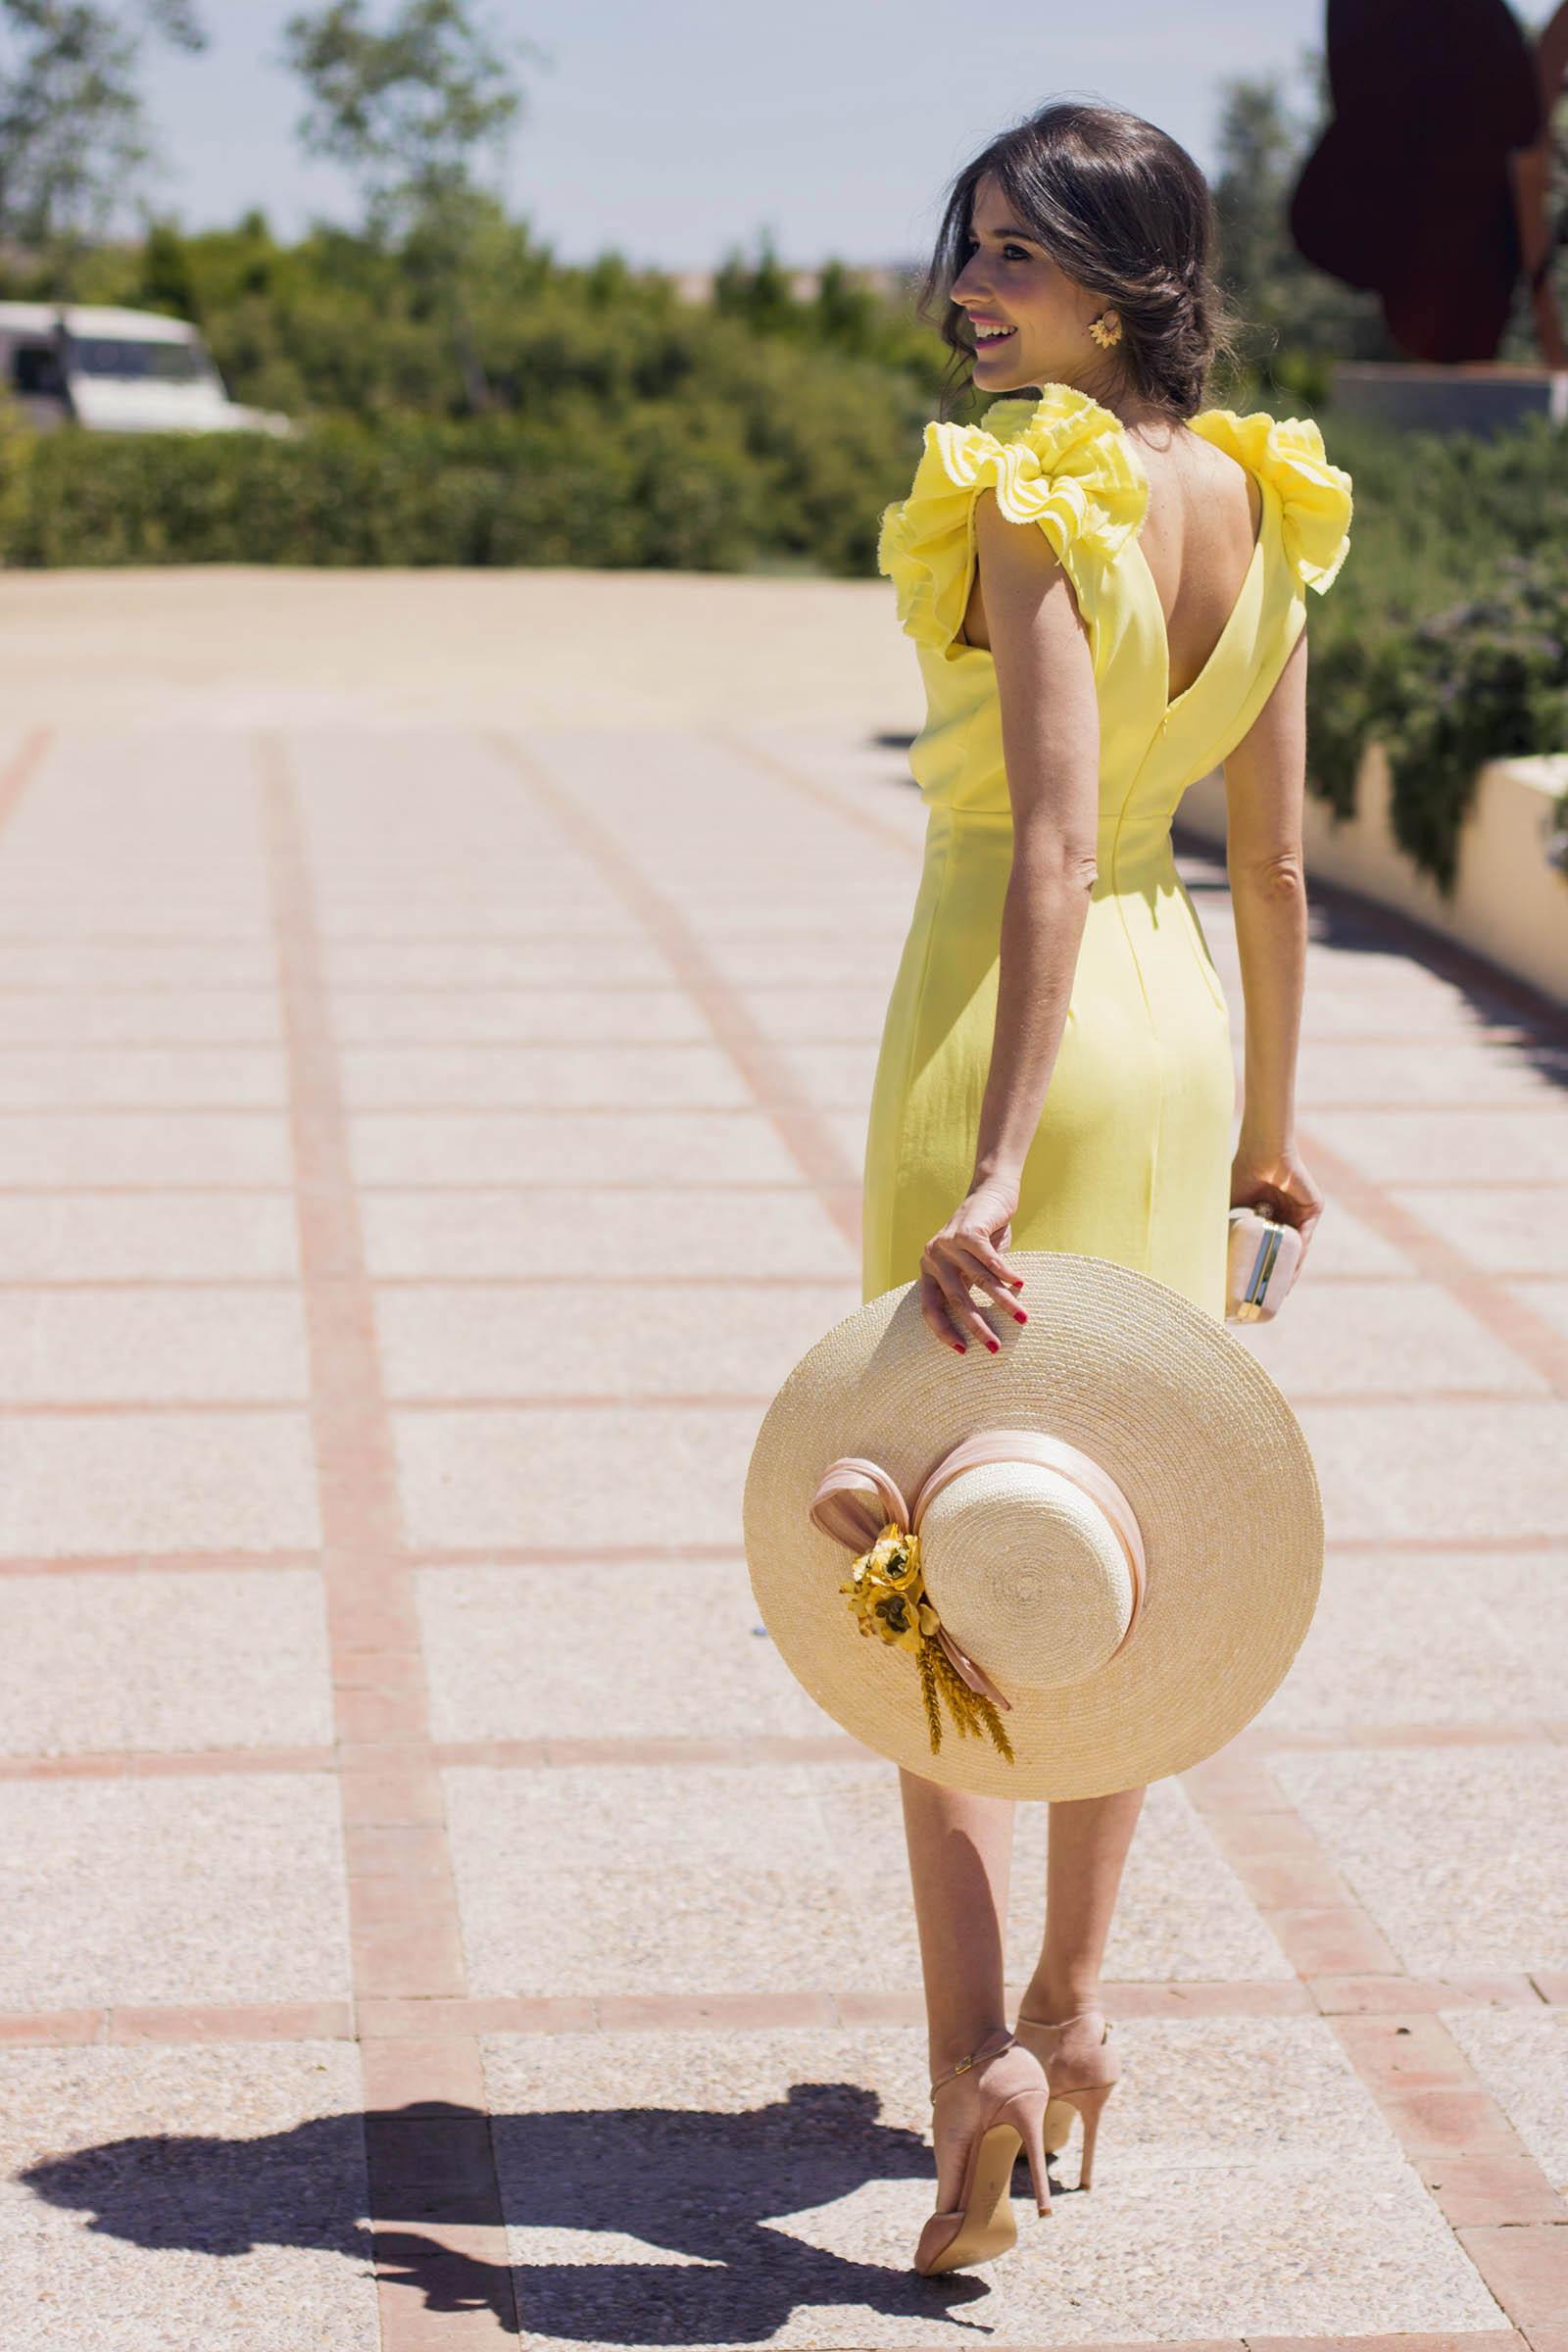 Pamela Vestido Boda De Amarillo Con 39 Blancaspina IWH9E2D